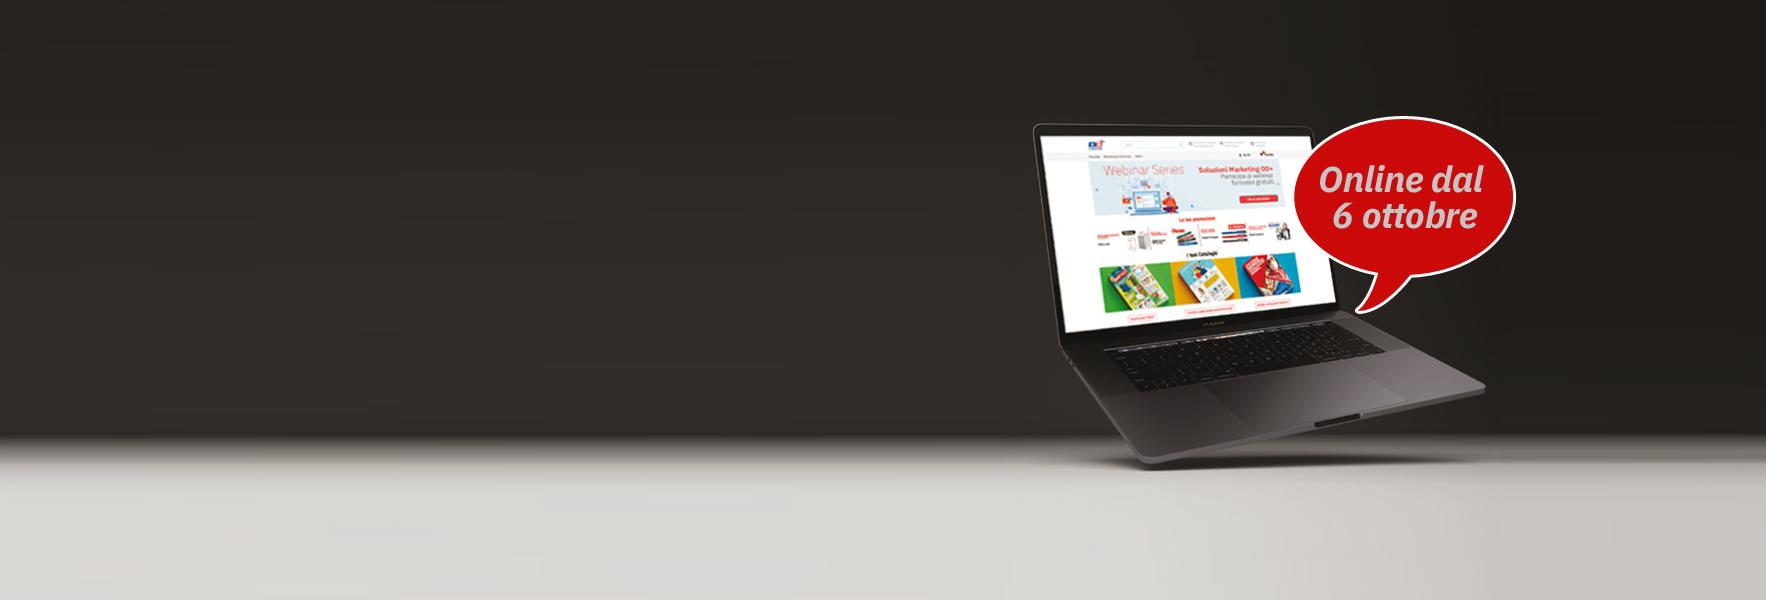 Nuovo portale OD+ oggi online